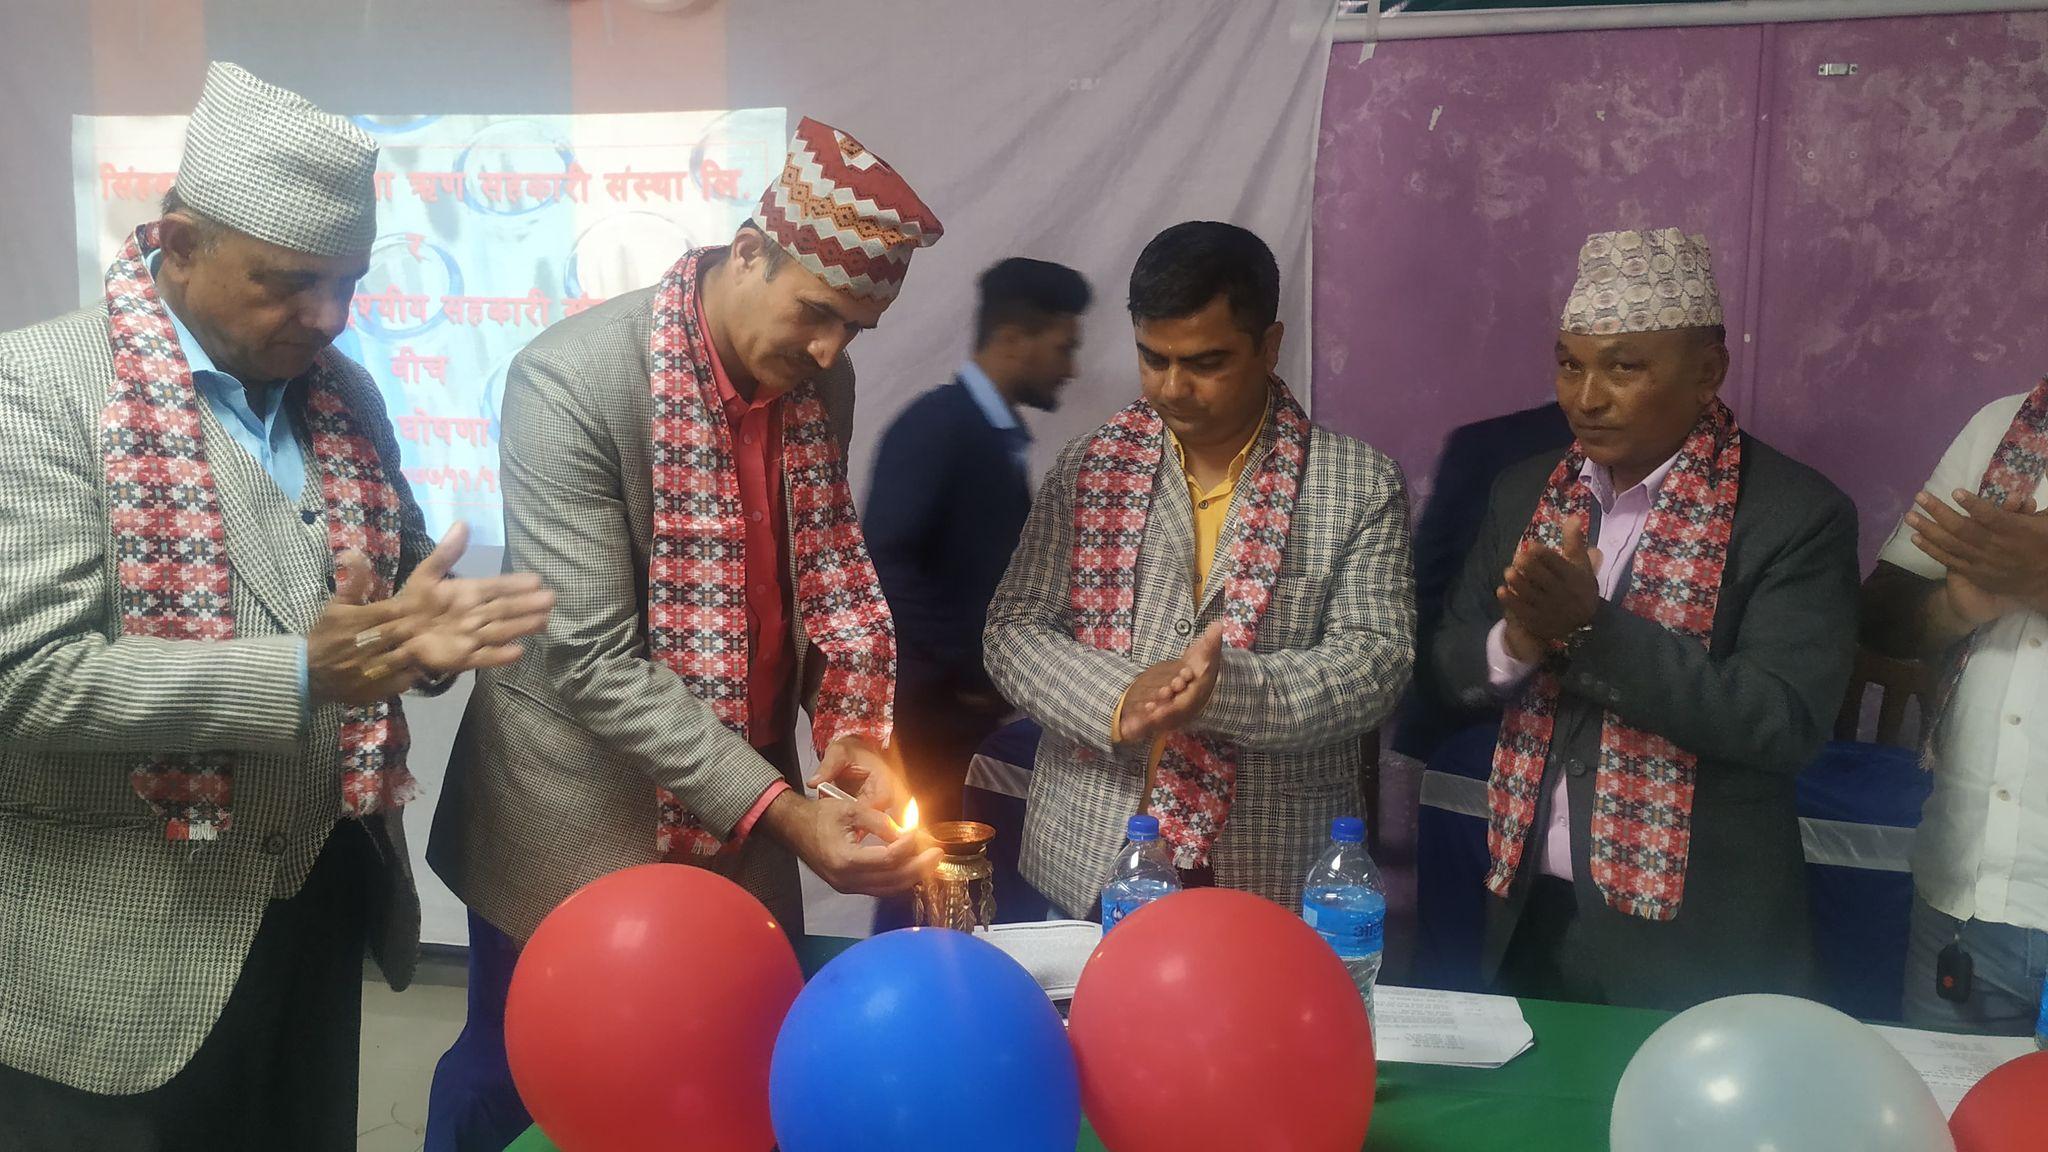 सिंहवाहिनी र पूर्व नेपाल सहकारीबीच एकता